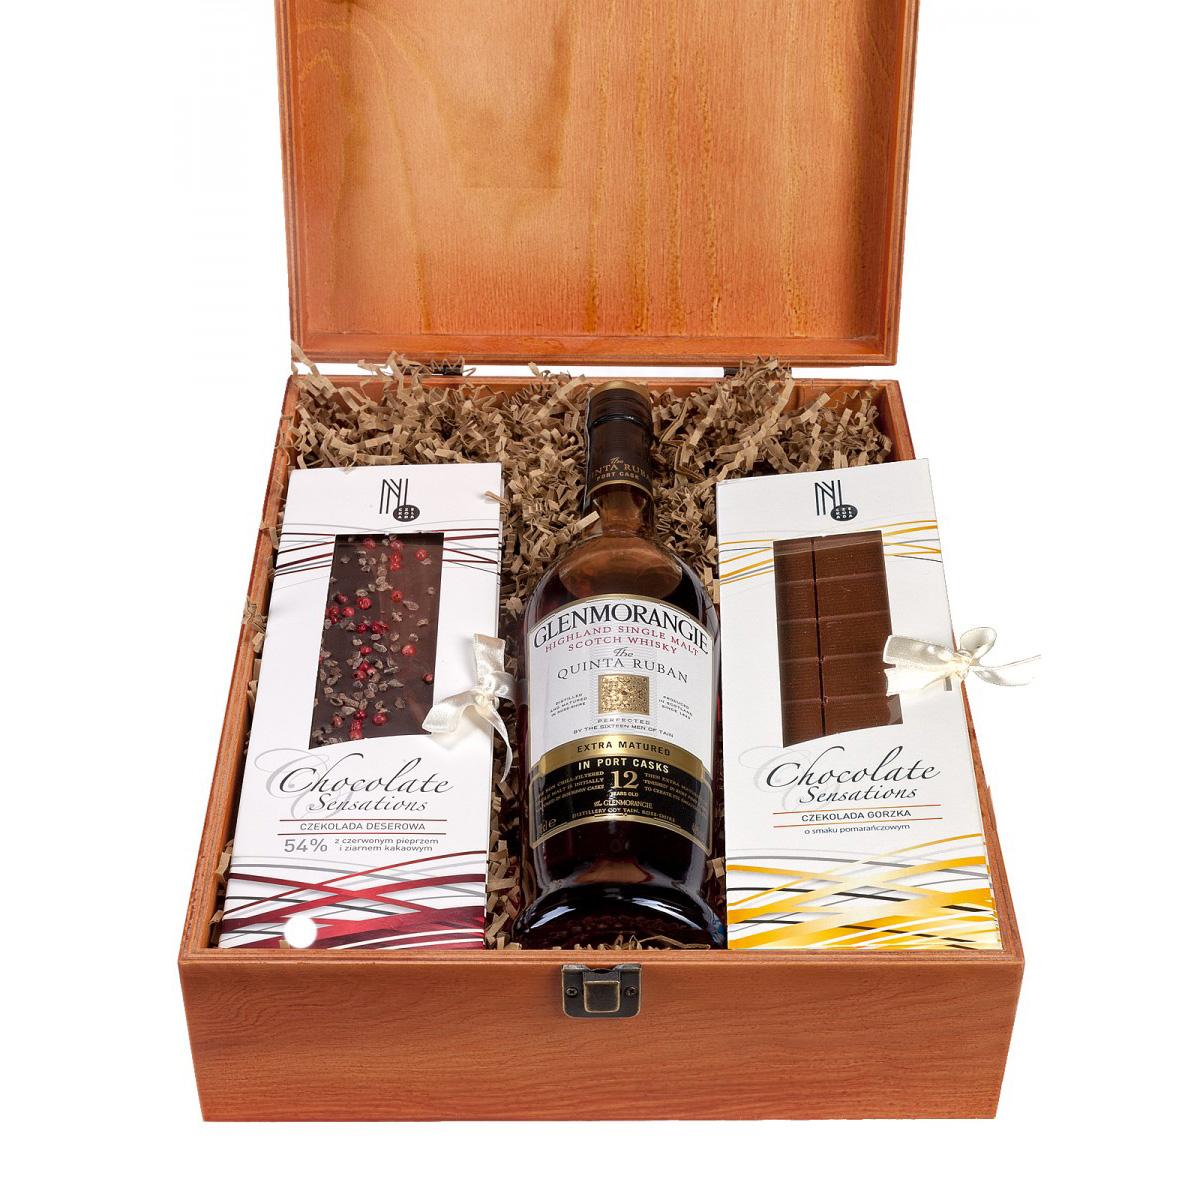 Zestaw prezentowy dla Panów Glenmorangie Quinta Ruban